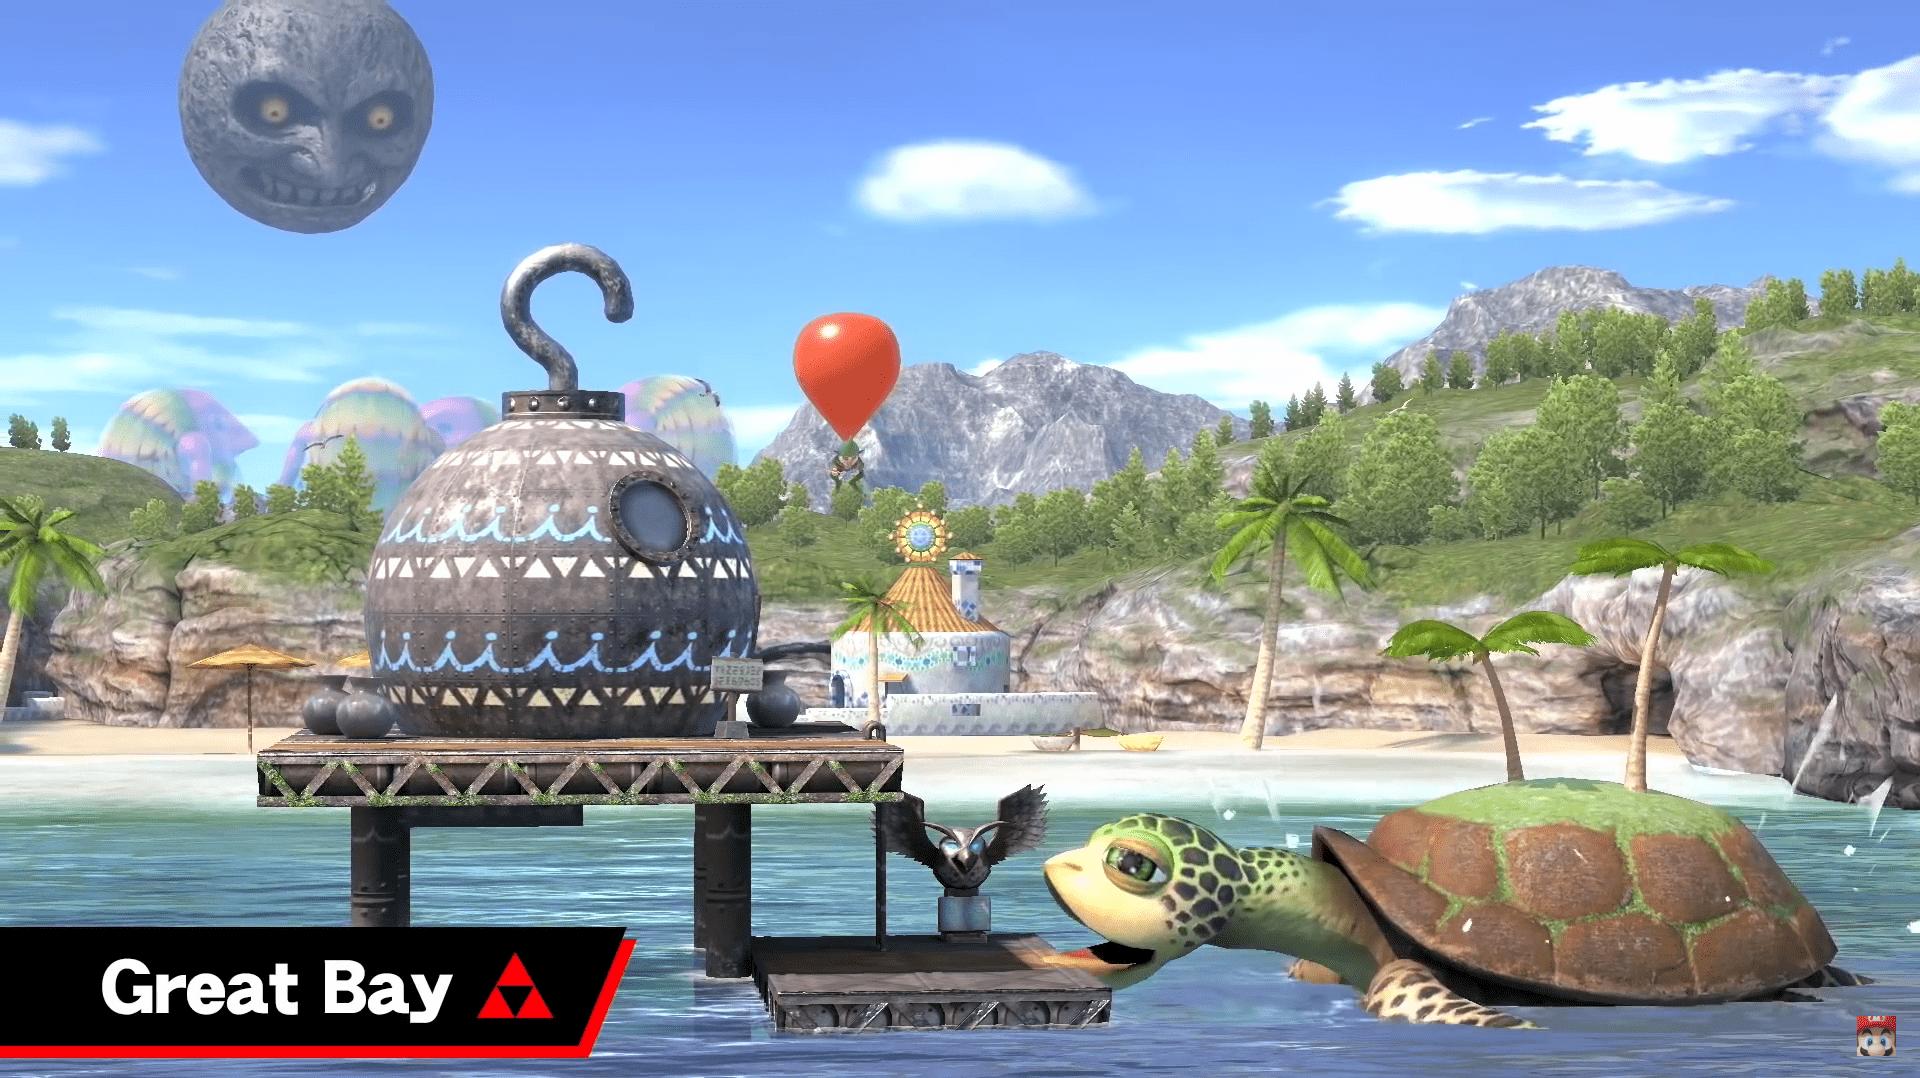 Super Smash Bros ultimate nintendo direct escenario 1